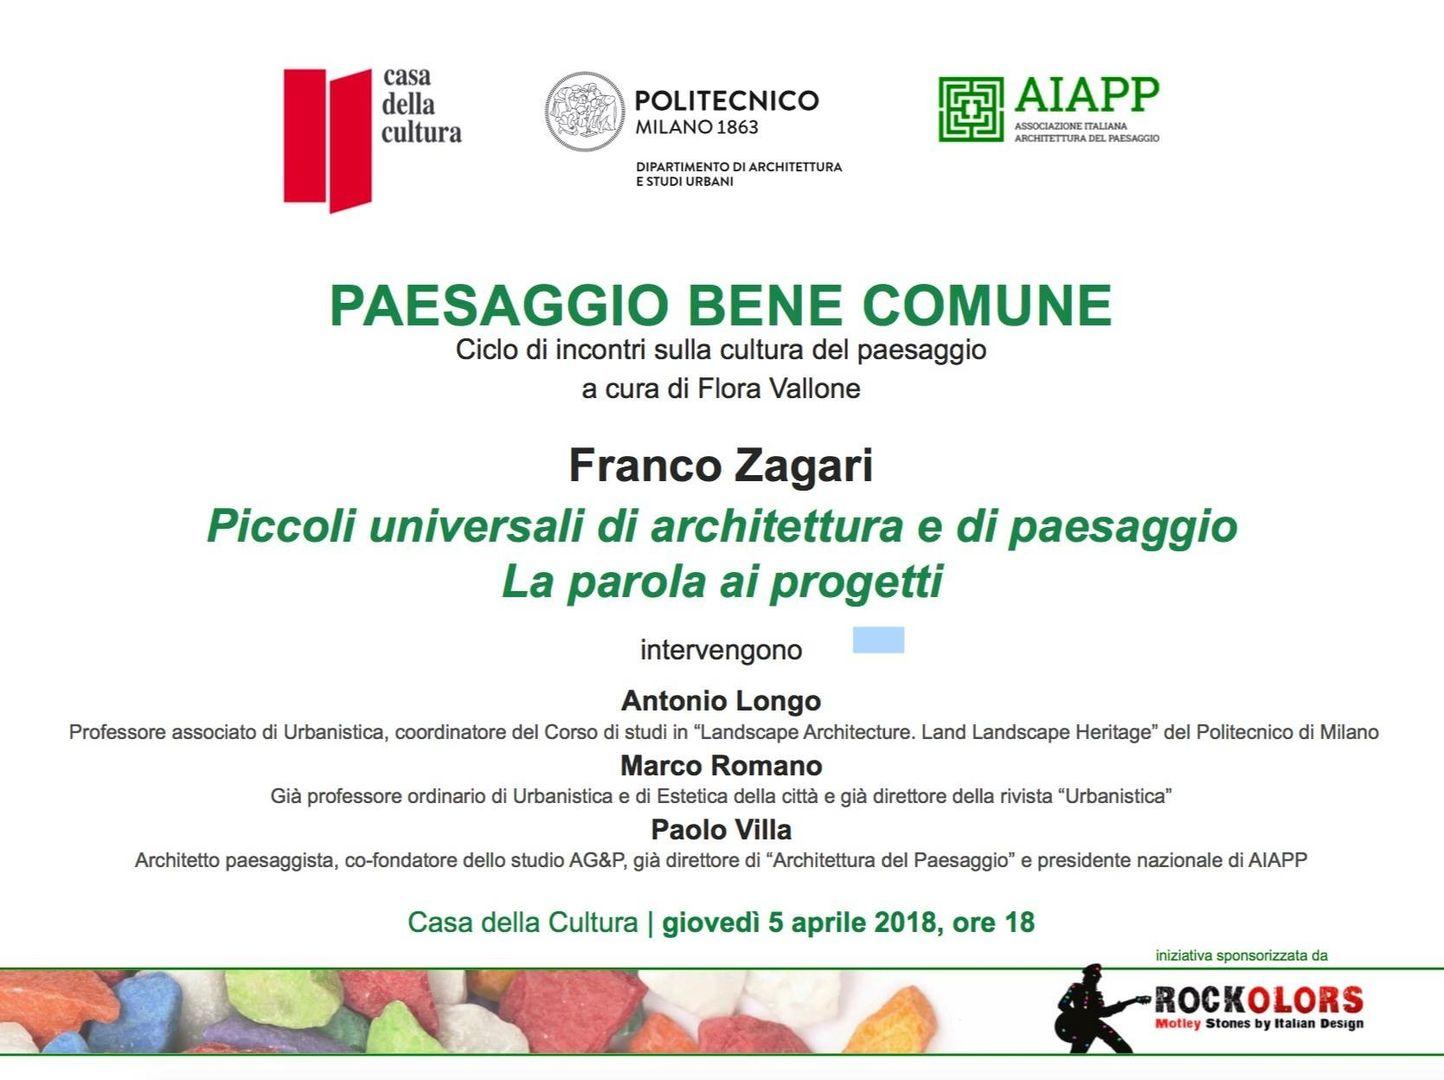 """Incontro """"Piccoli universali di architettura e di paesaggio"""" alla Casa della Cultura"""